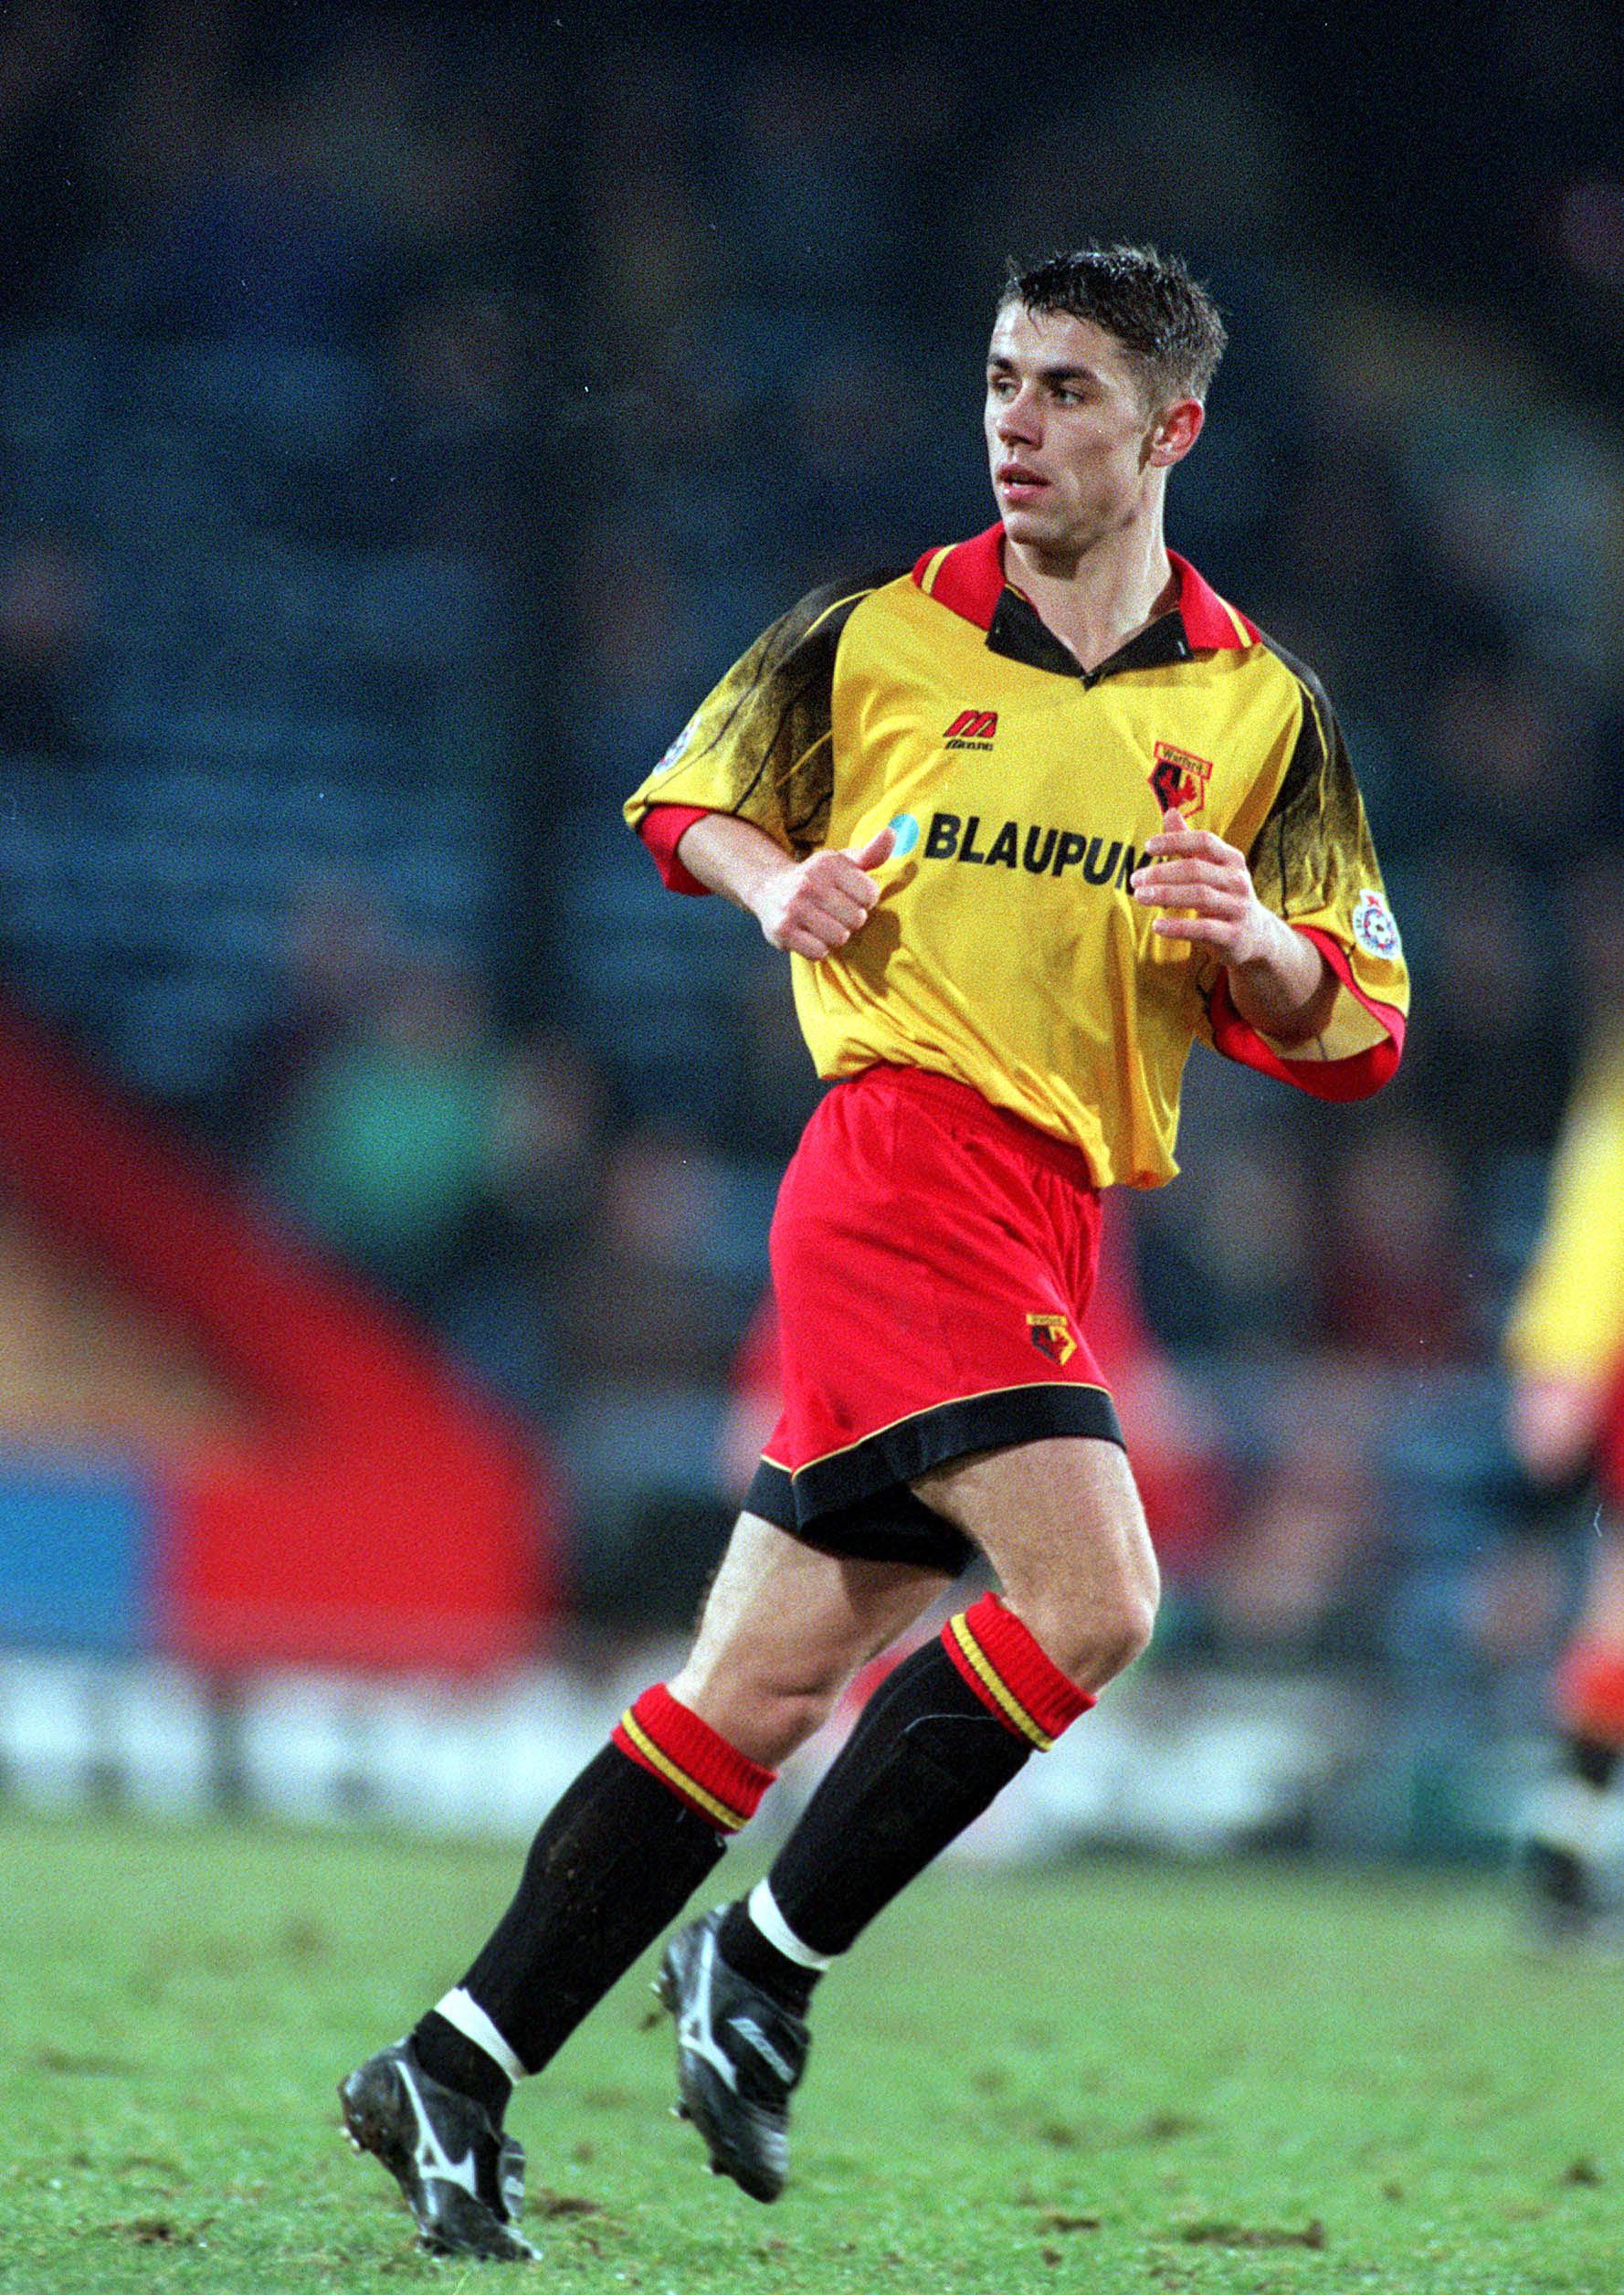 Graham Taylor Signed Mounted Photo Display Watford FC